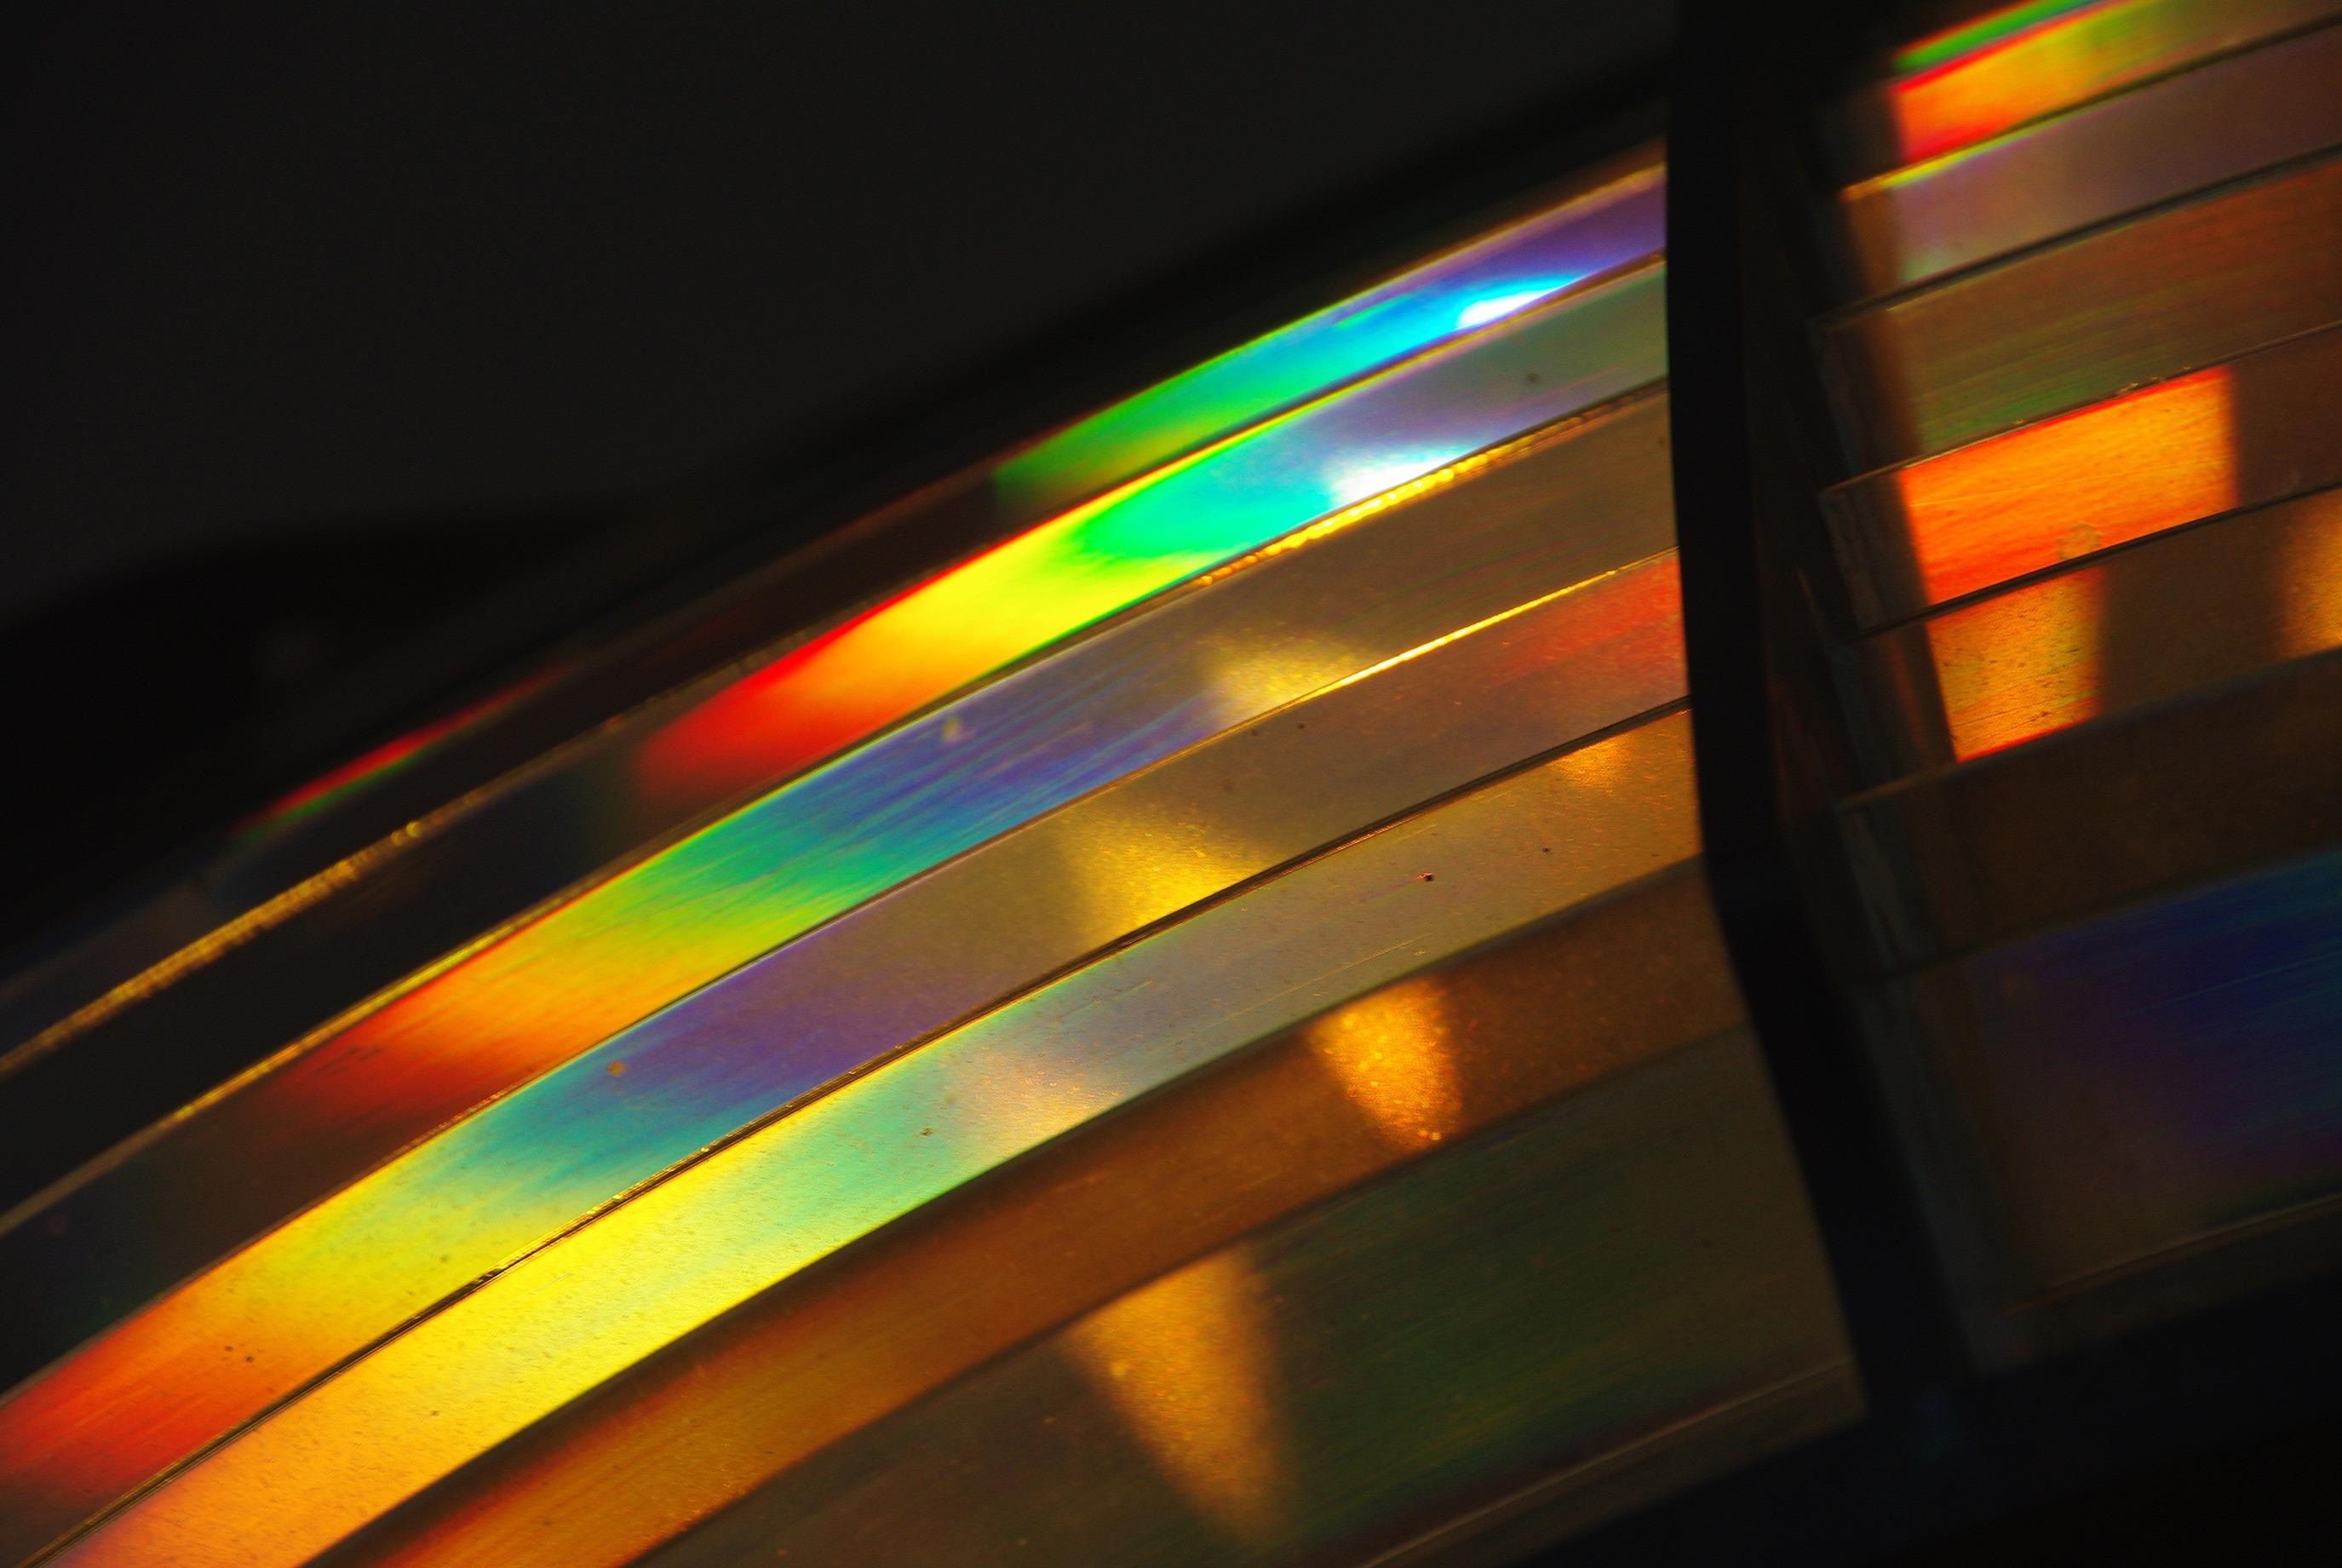 Reflectoren vuurtoren Texel, foto Sytske Dijksen